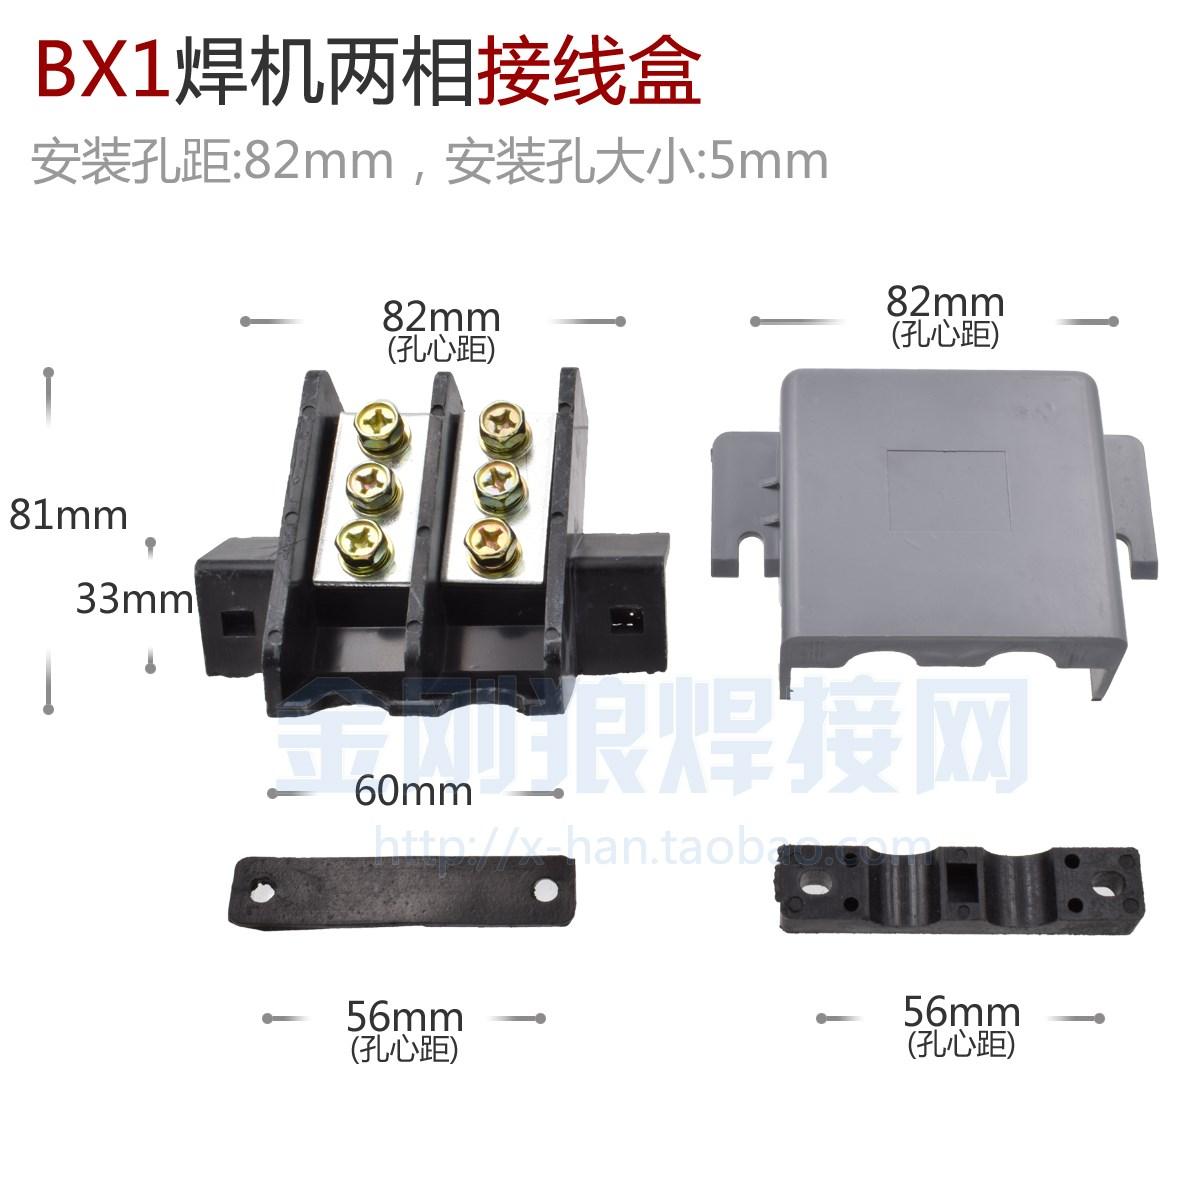 bx1 kr 电焊机 电源 接线盒 输入端子 2相 整套 接触面纯铜镀铬券后19.00元